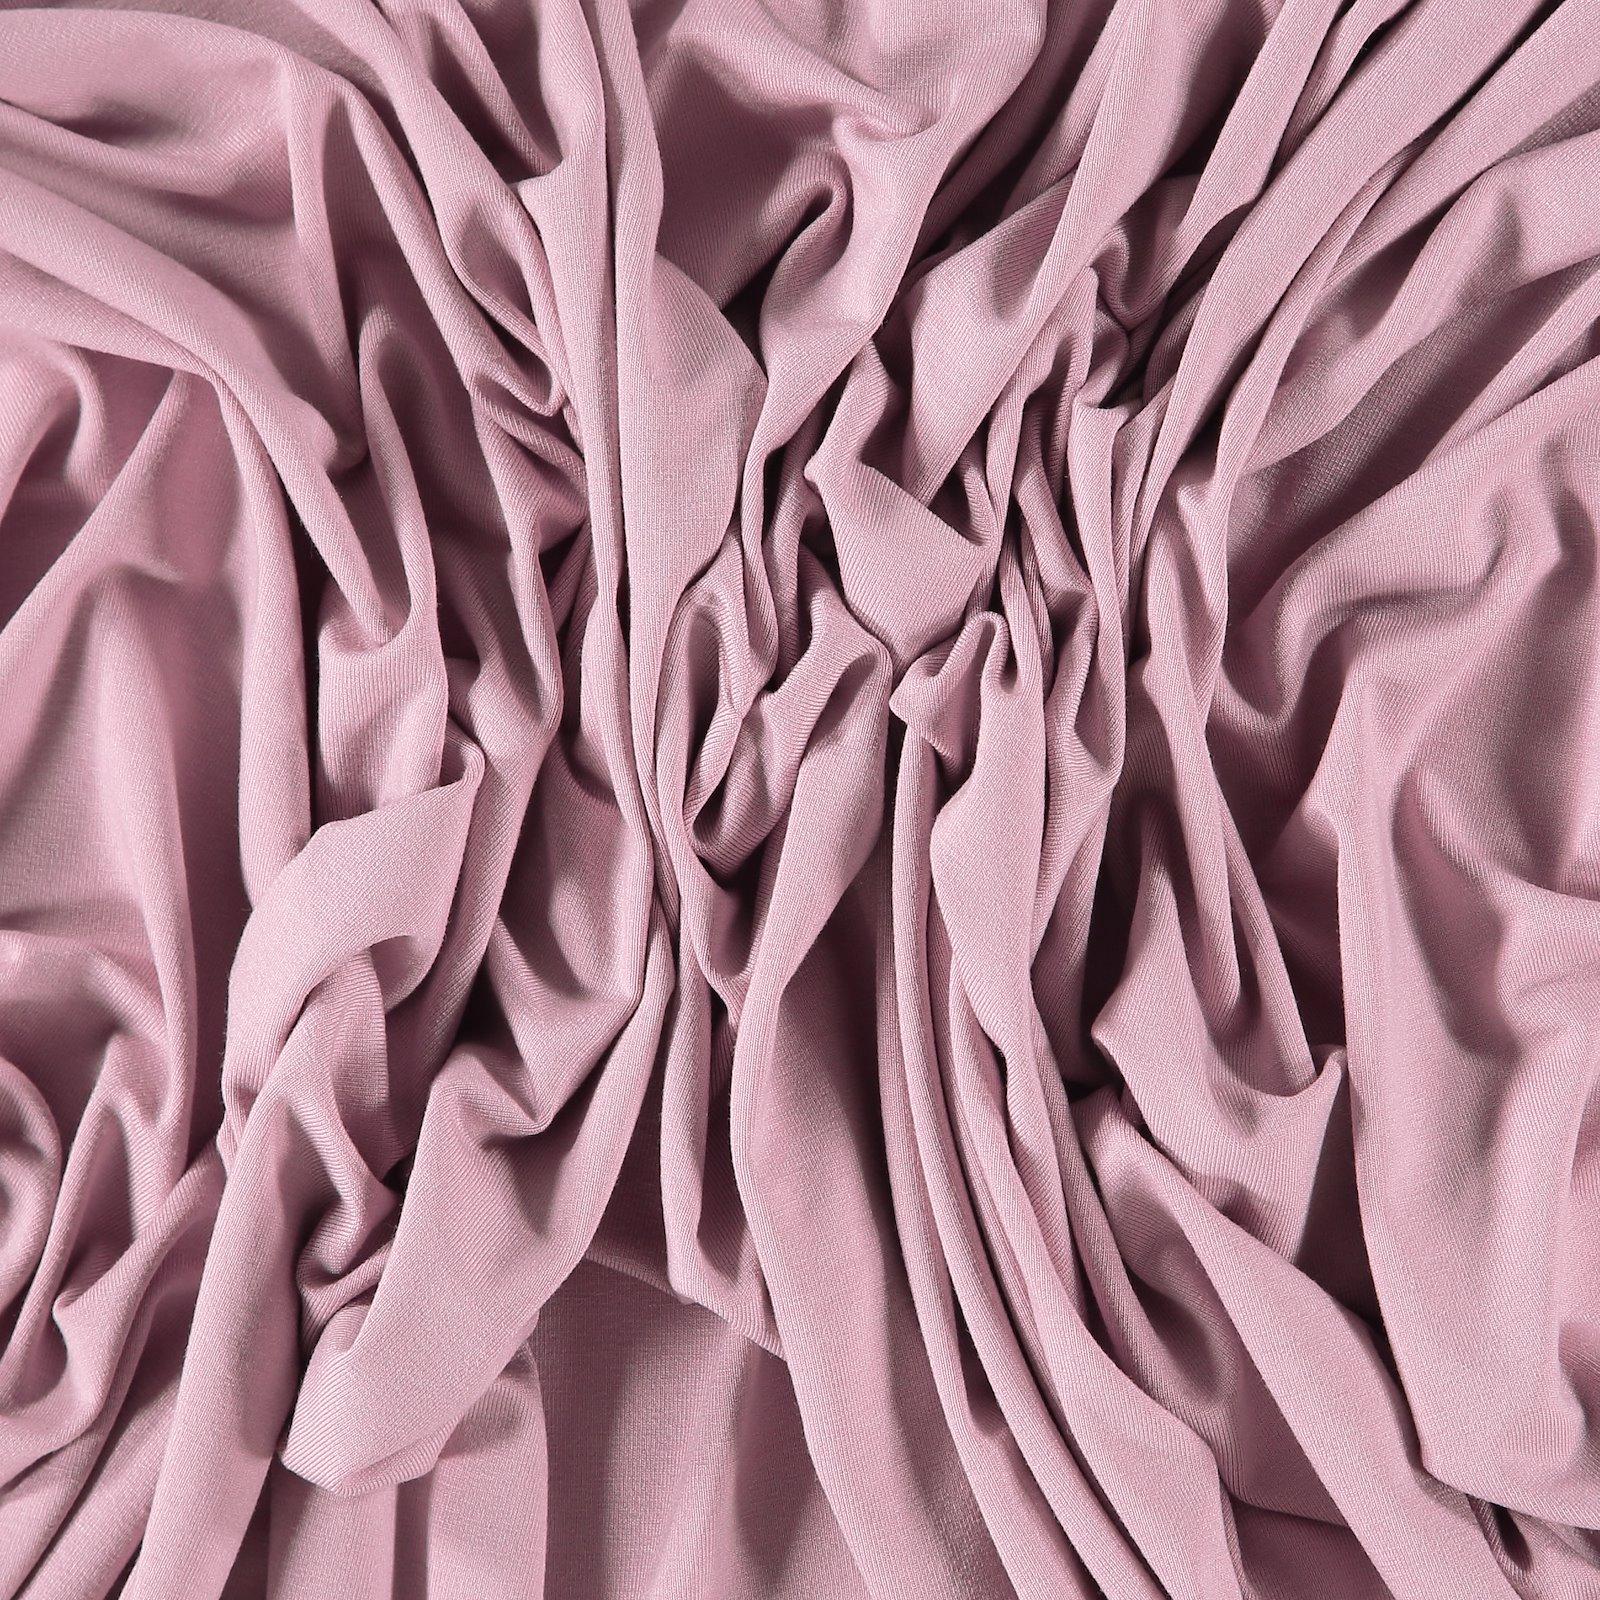 Viscose jersey light dusty violet